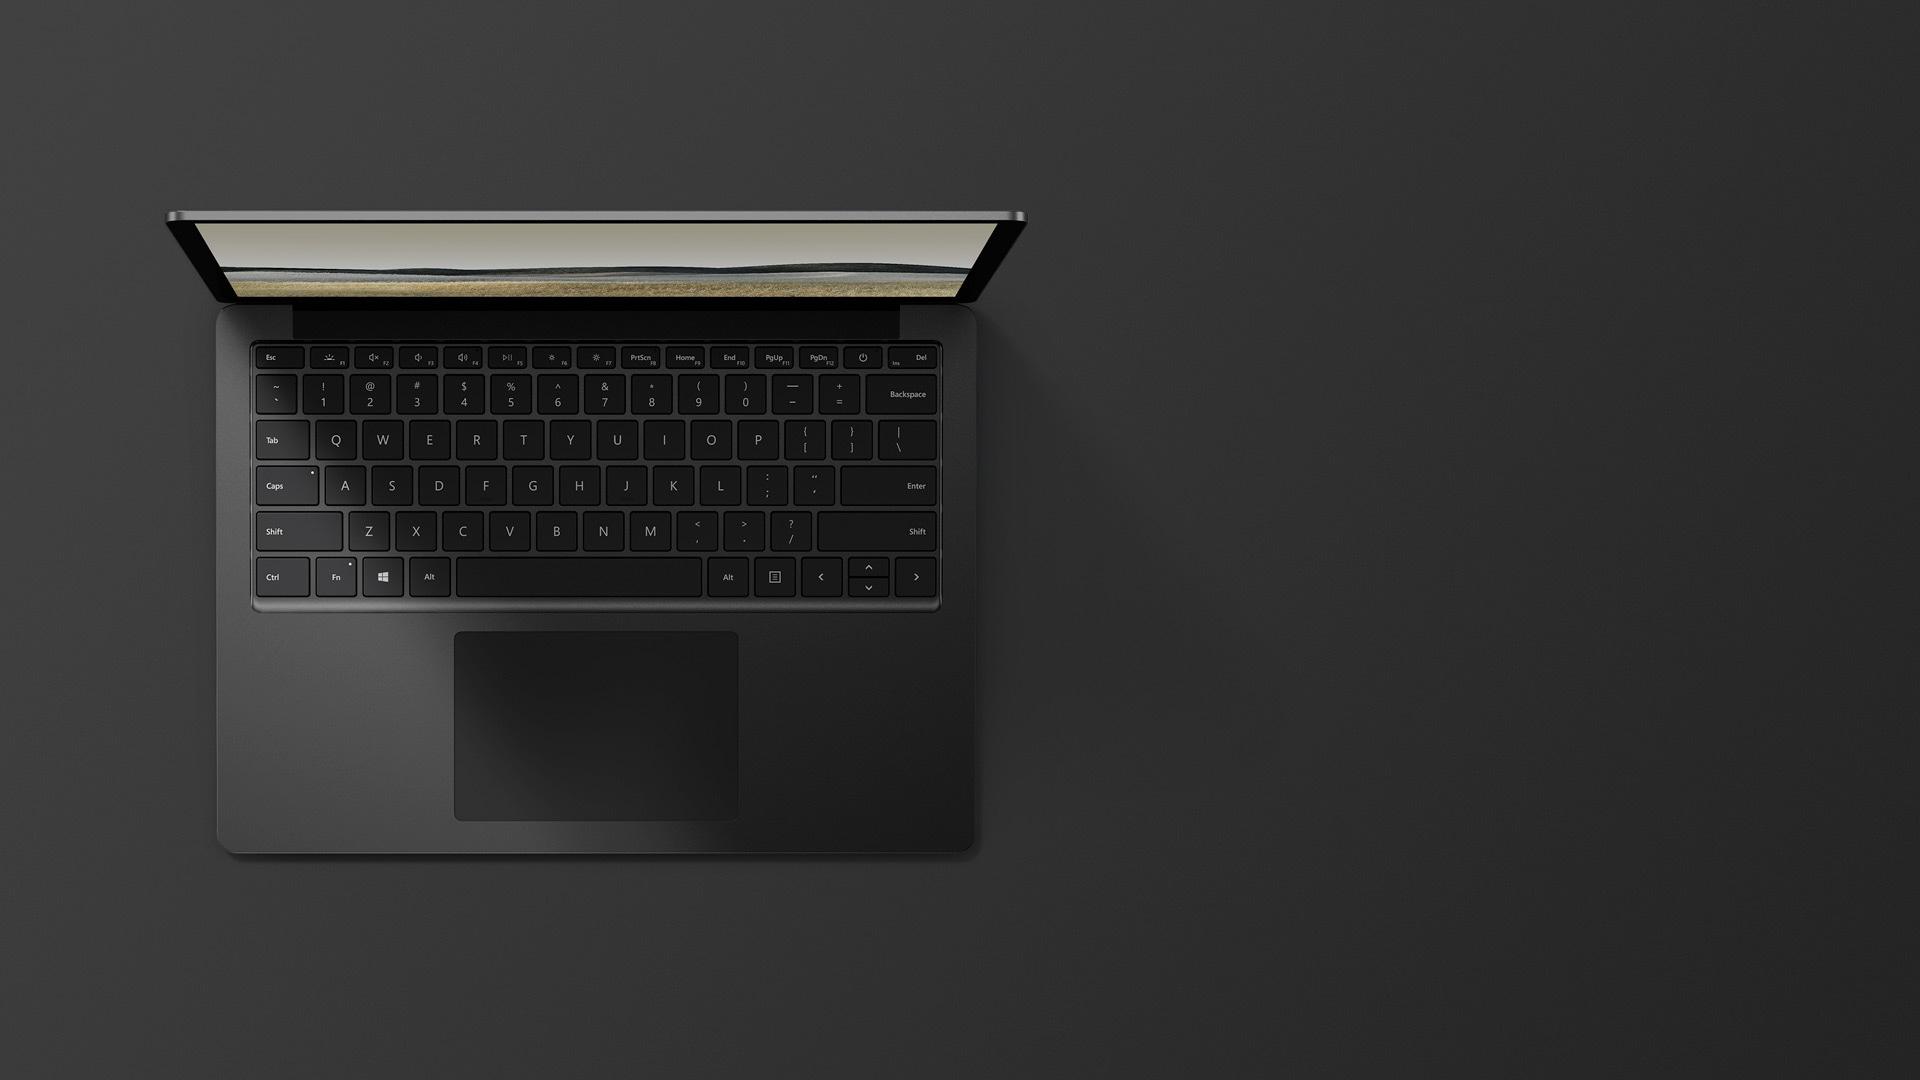 13.5 吋霧黑色 Surface Laptop 3 的俯視圖